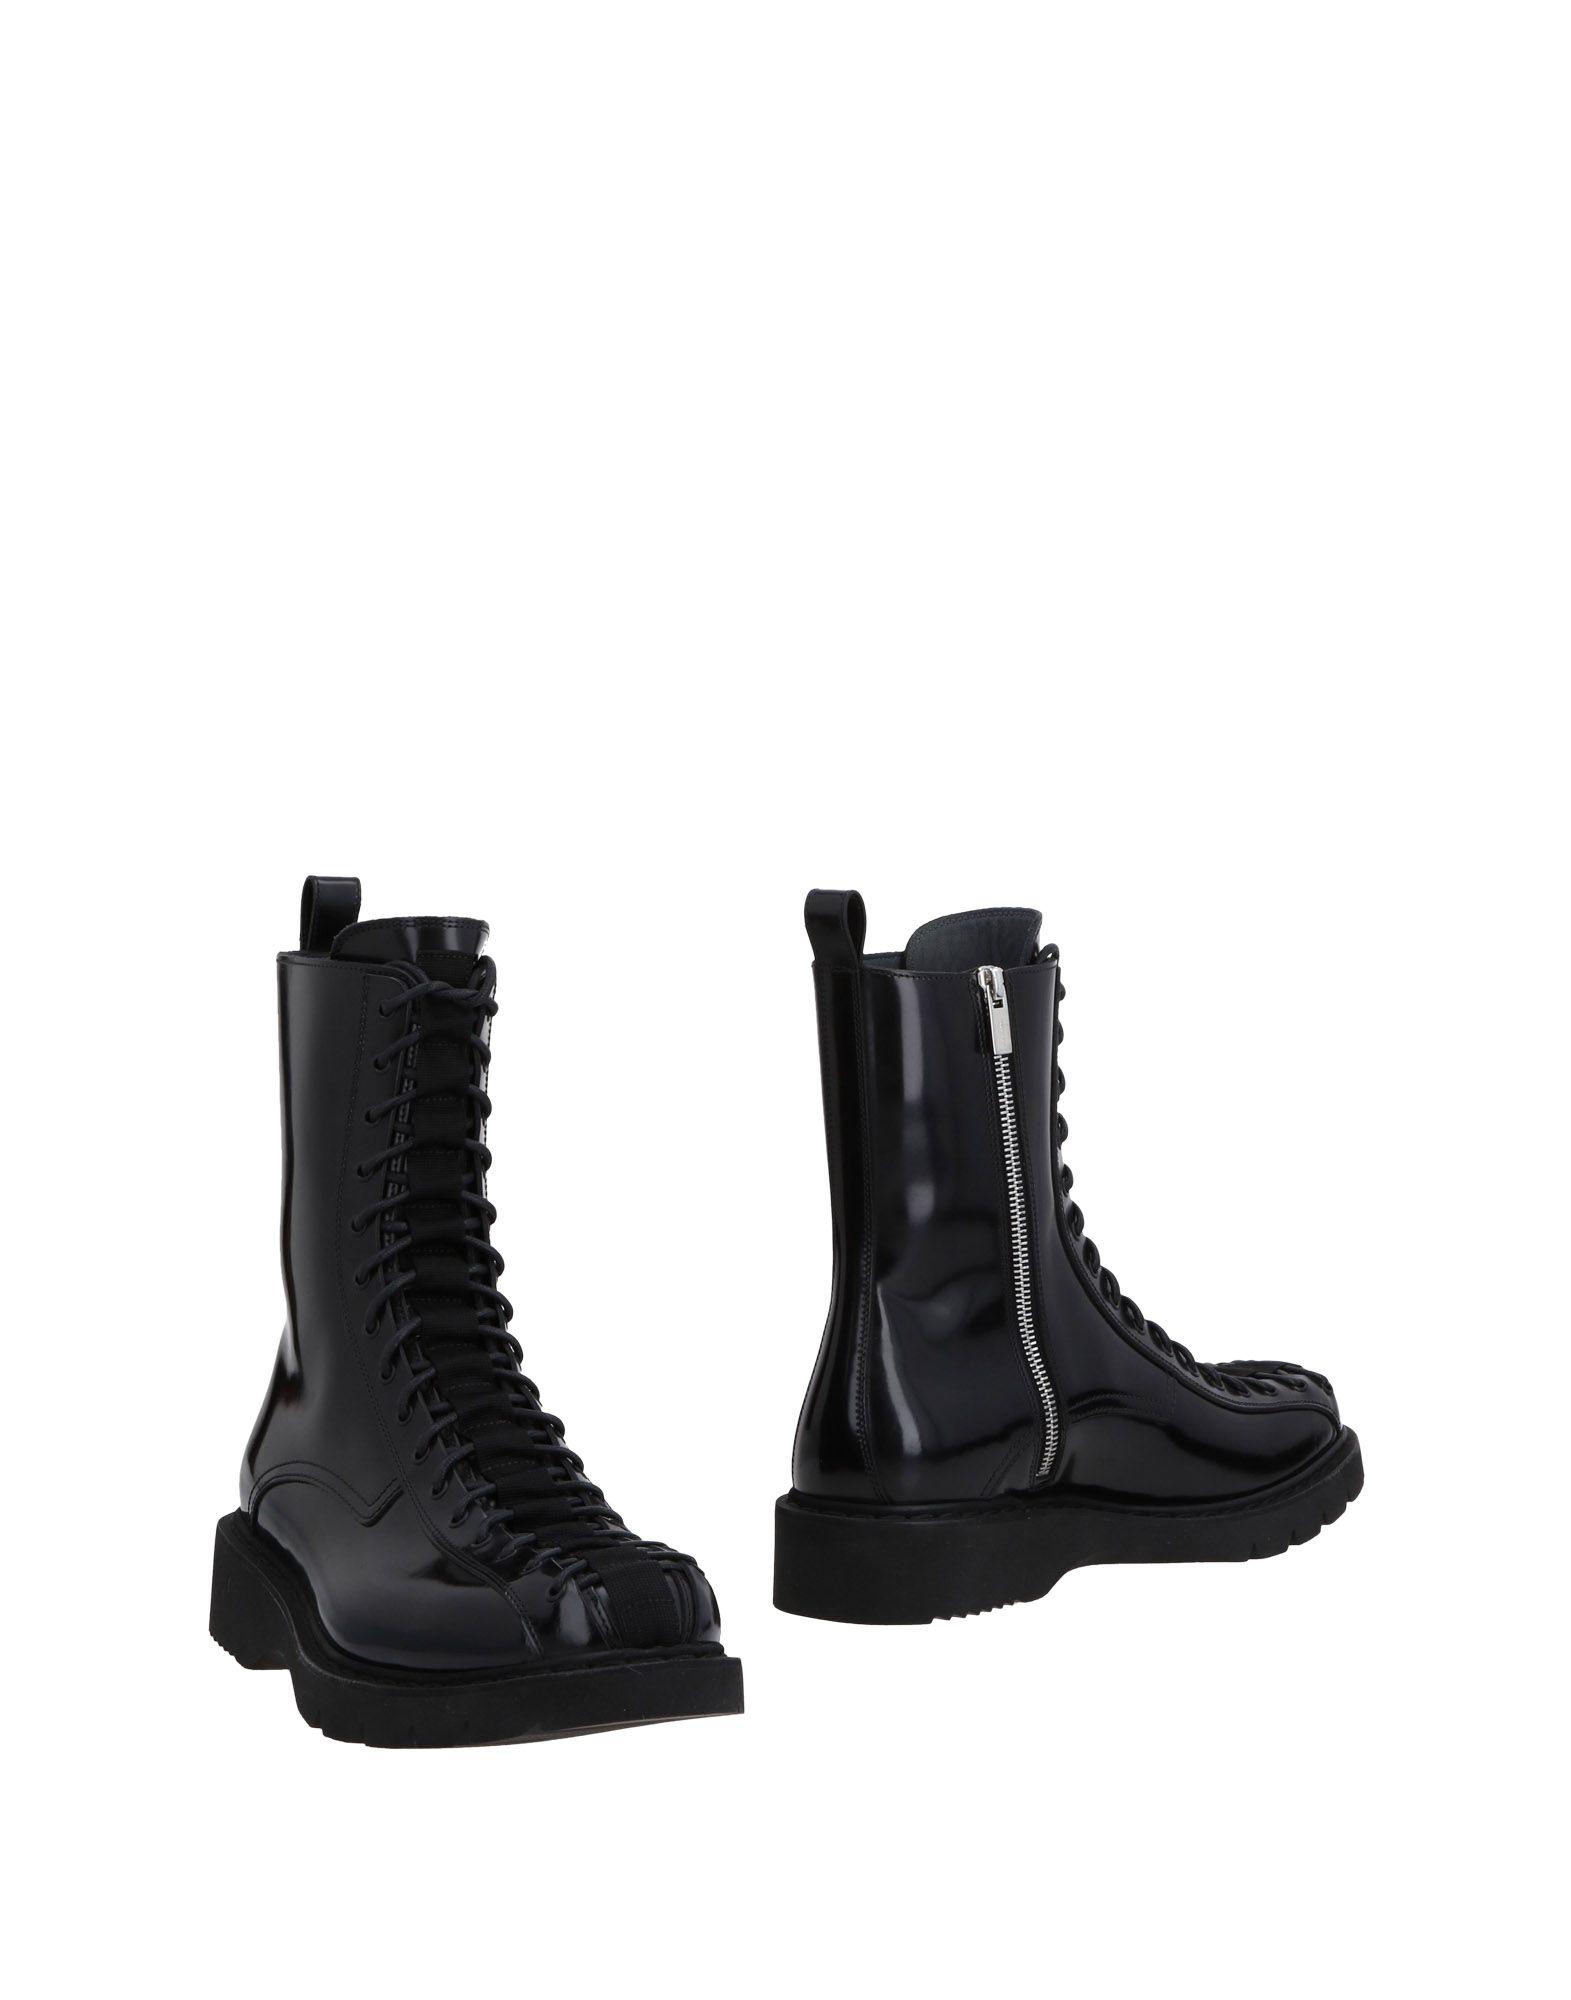 Dior Homme Stiefelette Herren  11480825OA Gute Qualität beliebte Schuhe